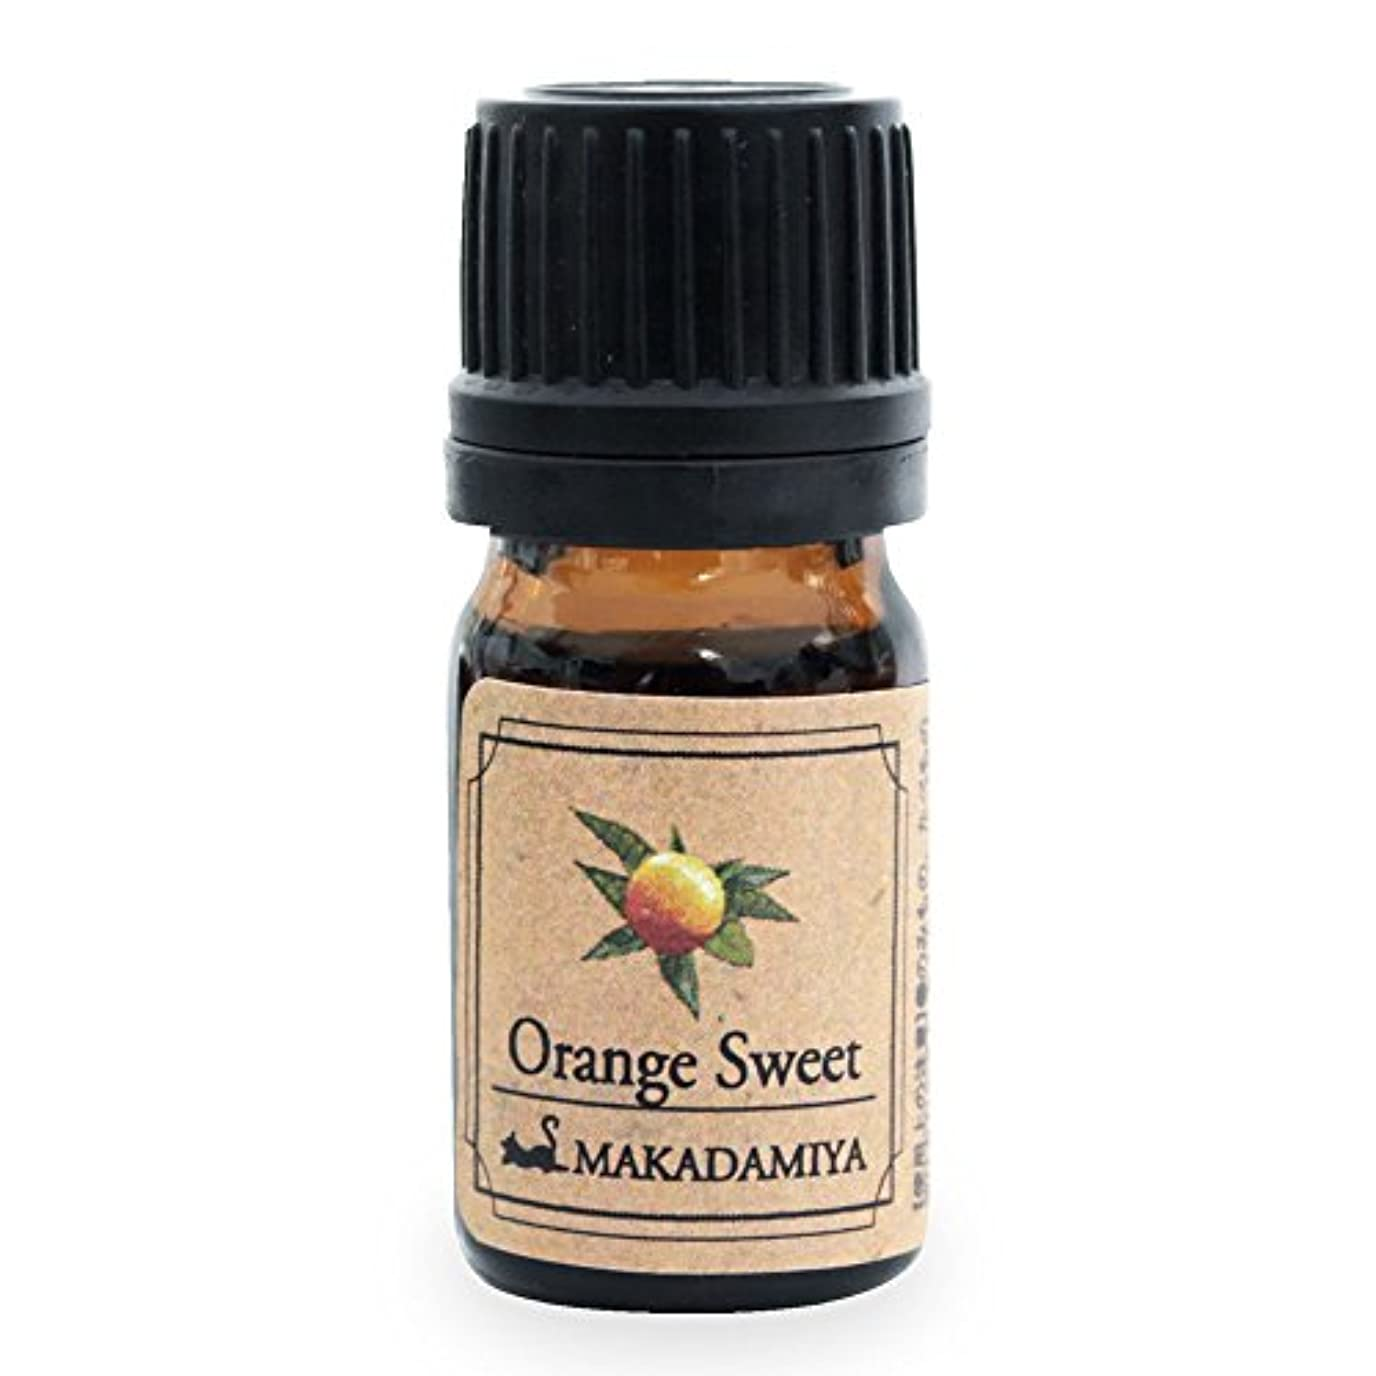 快適手足滑るオレンジ?スイート5ml 天然100%植物性 エッセンシャルオイル(精油) アロマオイル アロママッサージ aroma Orange Sweet